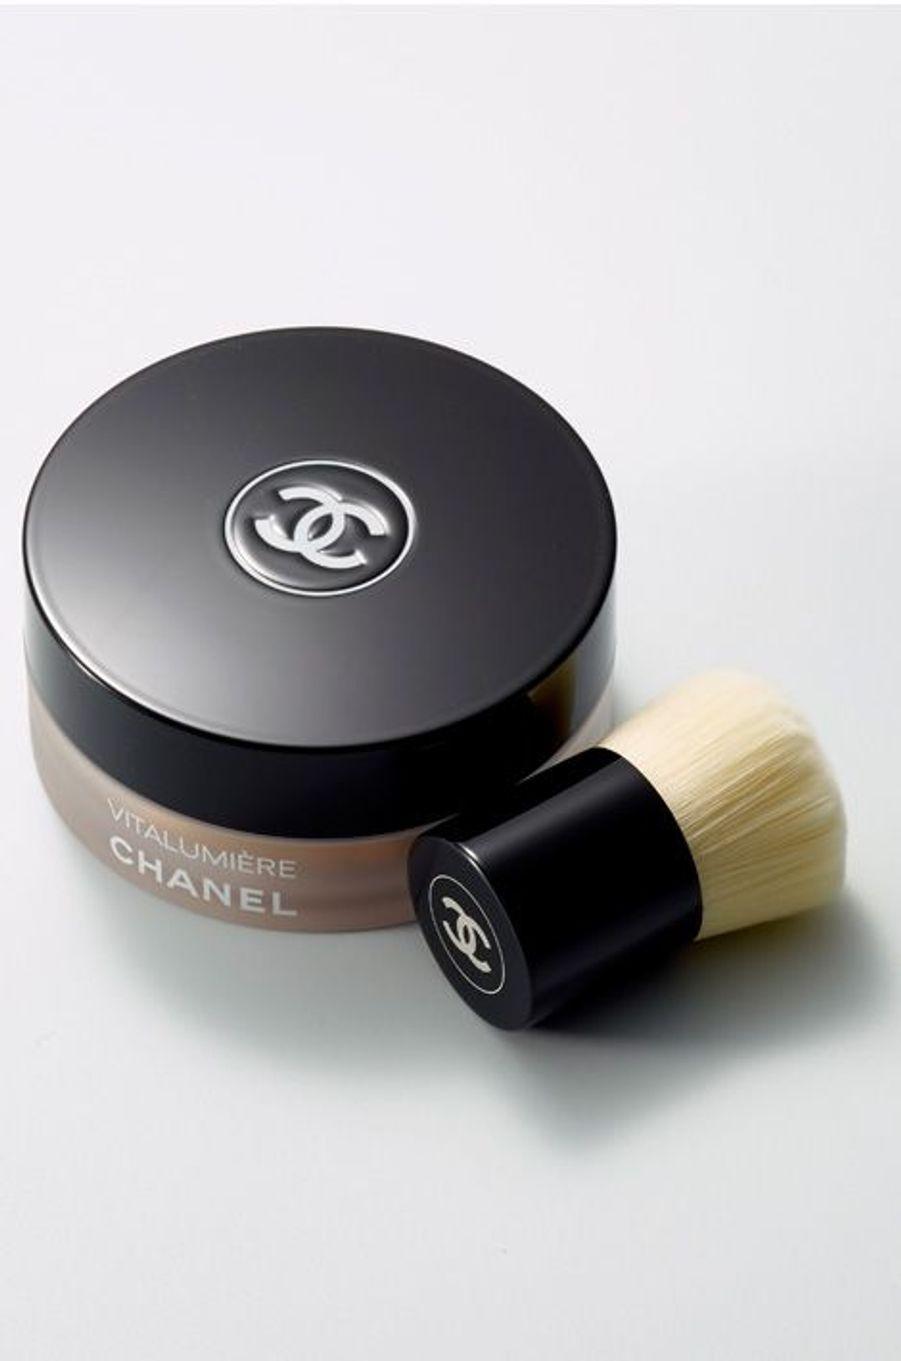 Vitalumière fond de teint poudre libre et minipinceau kabuki (65 euros), Chanel.